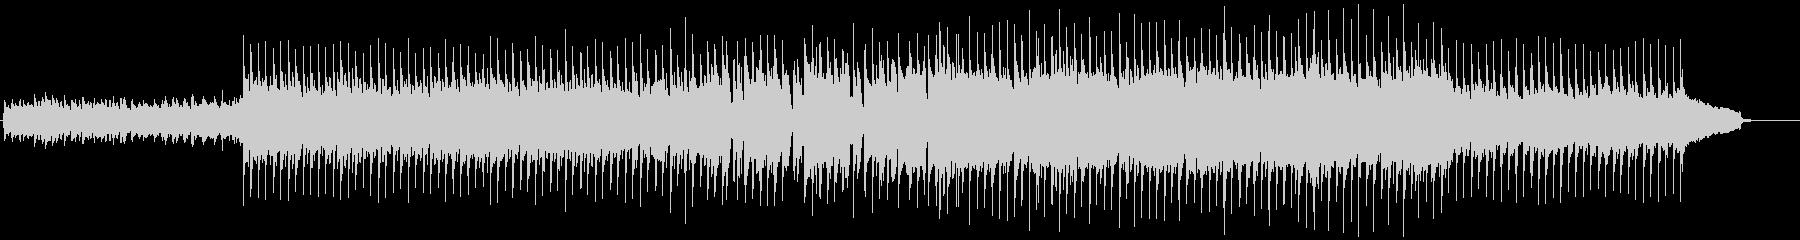 VP系11、爽やかなロック、ドライブEの未再生の波形